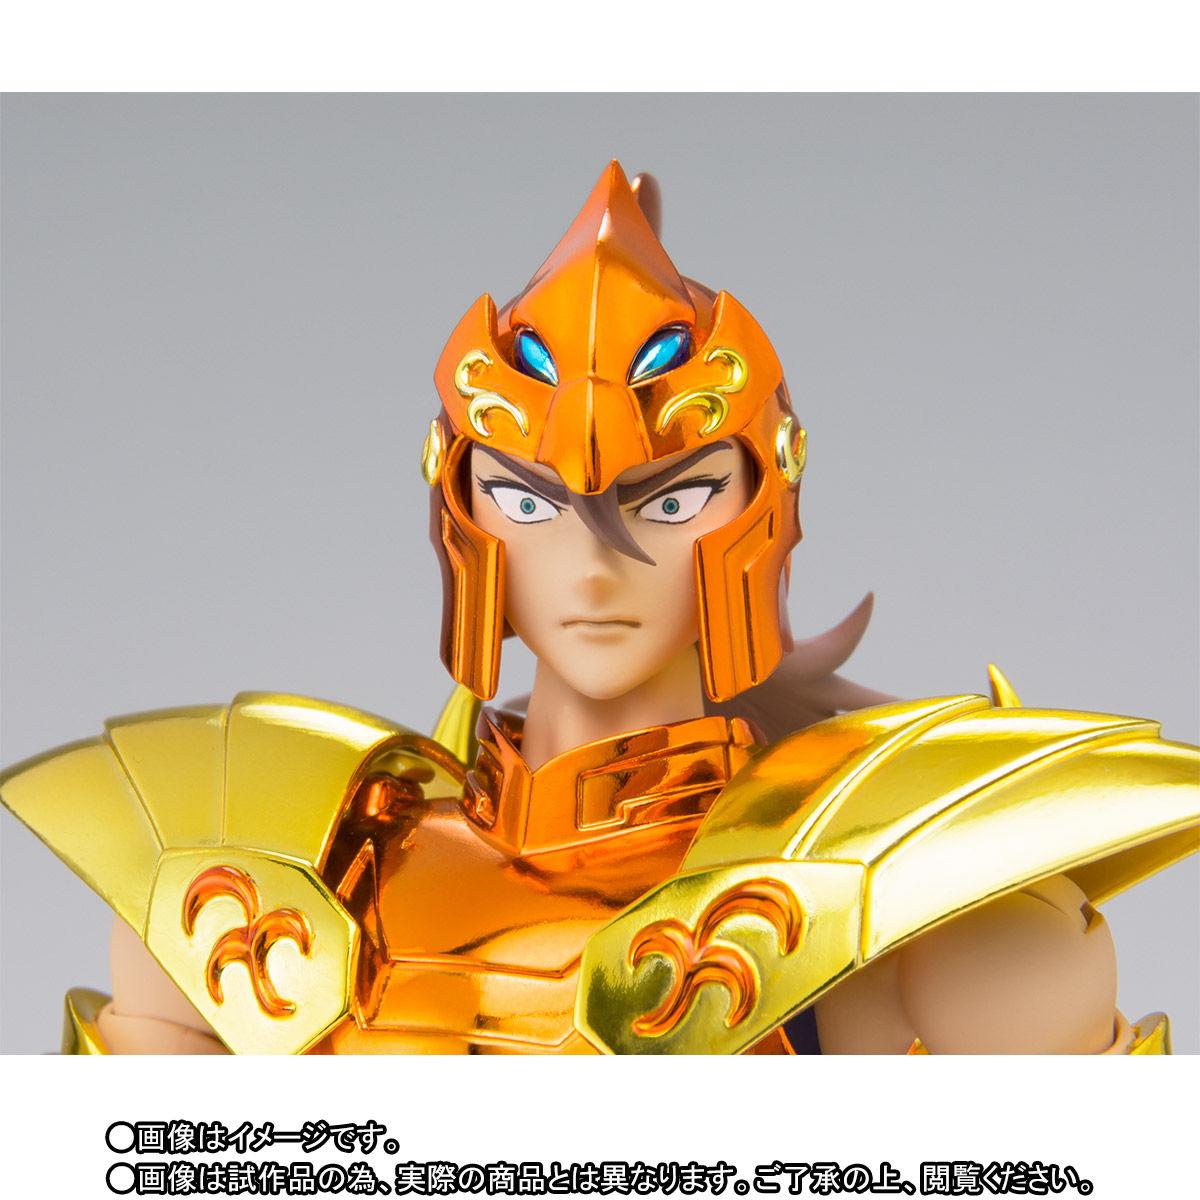 【限定販売】聖闘士聖衣神話EX『シーホースバイアン』聖闘士星矢 可動フィギュア-005